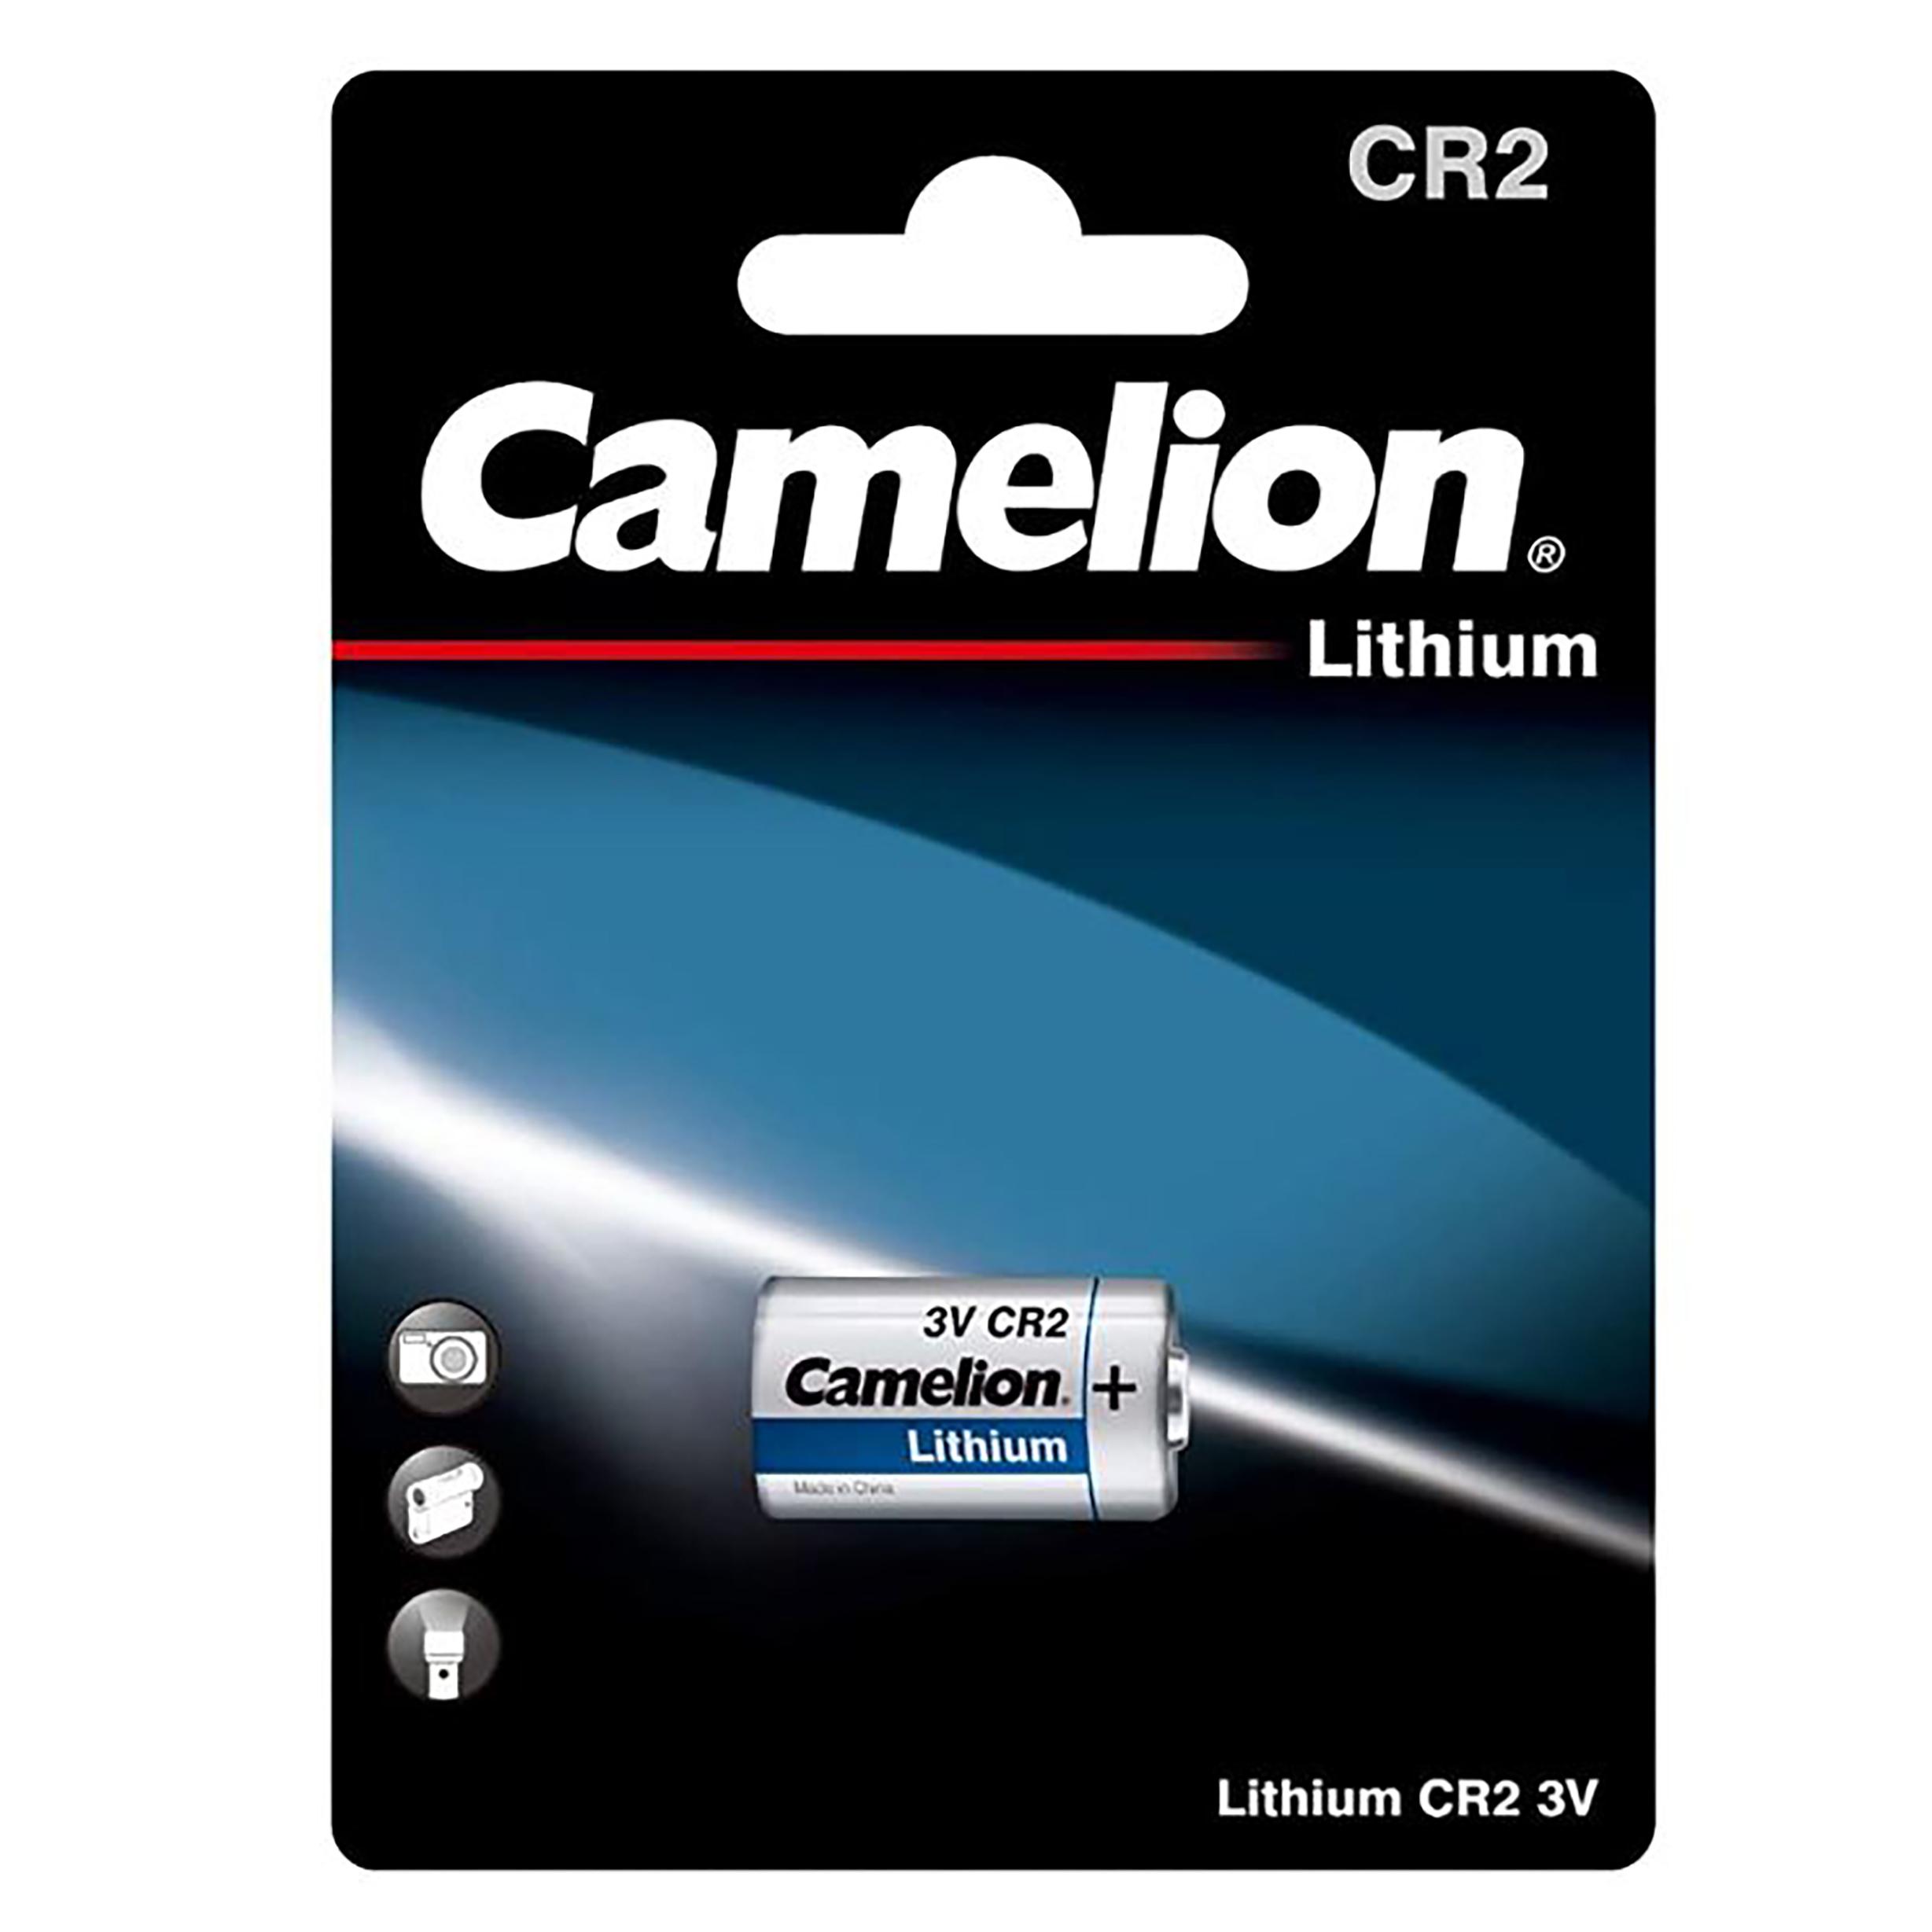 بررسی و {خرید با تخفیف} باتری لیتیومی کملیون مدل CR2 اصل